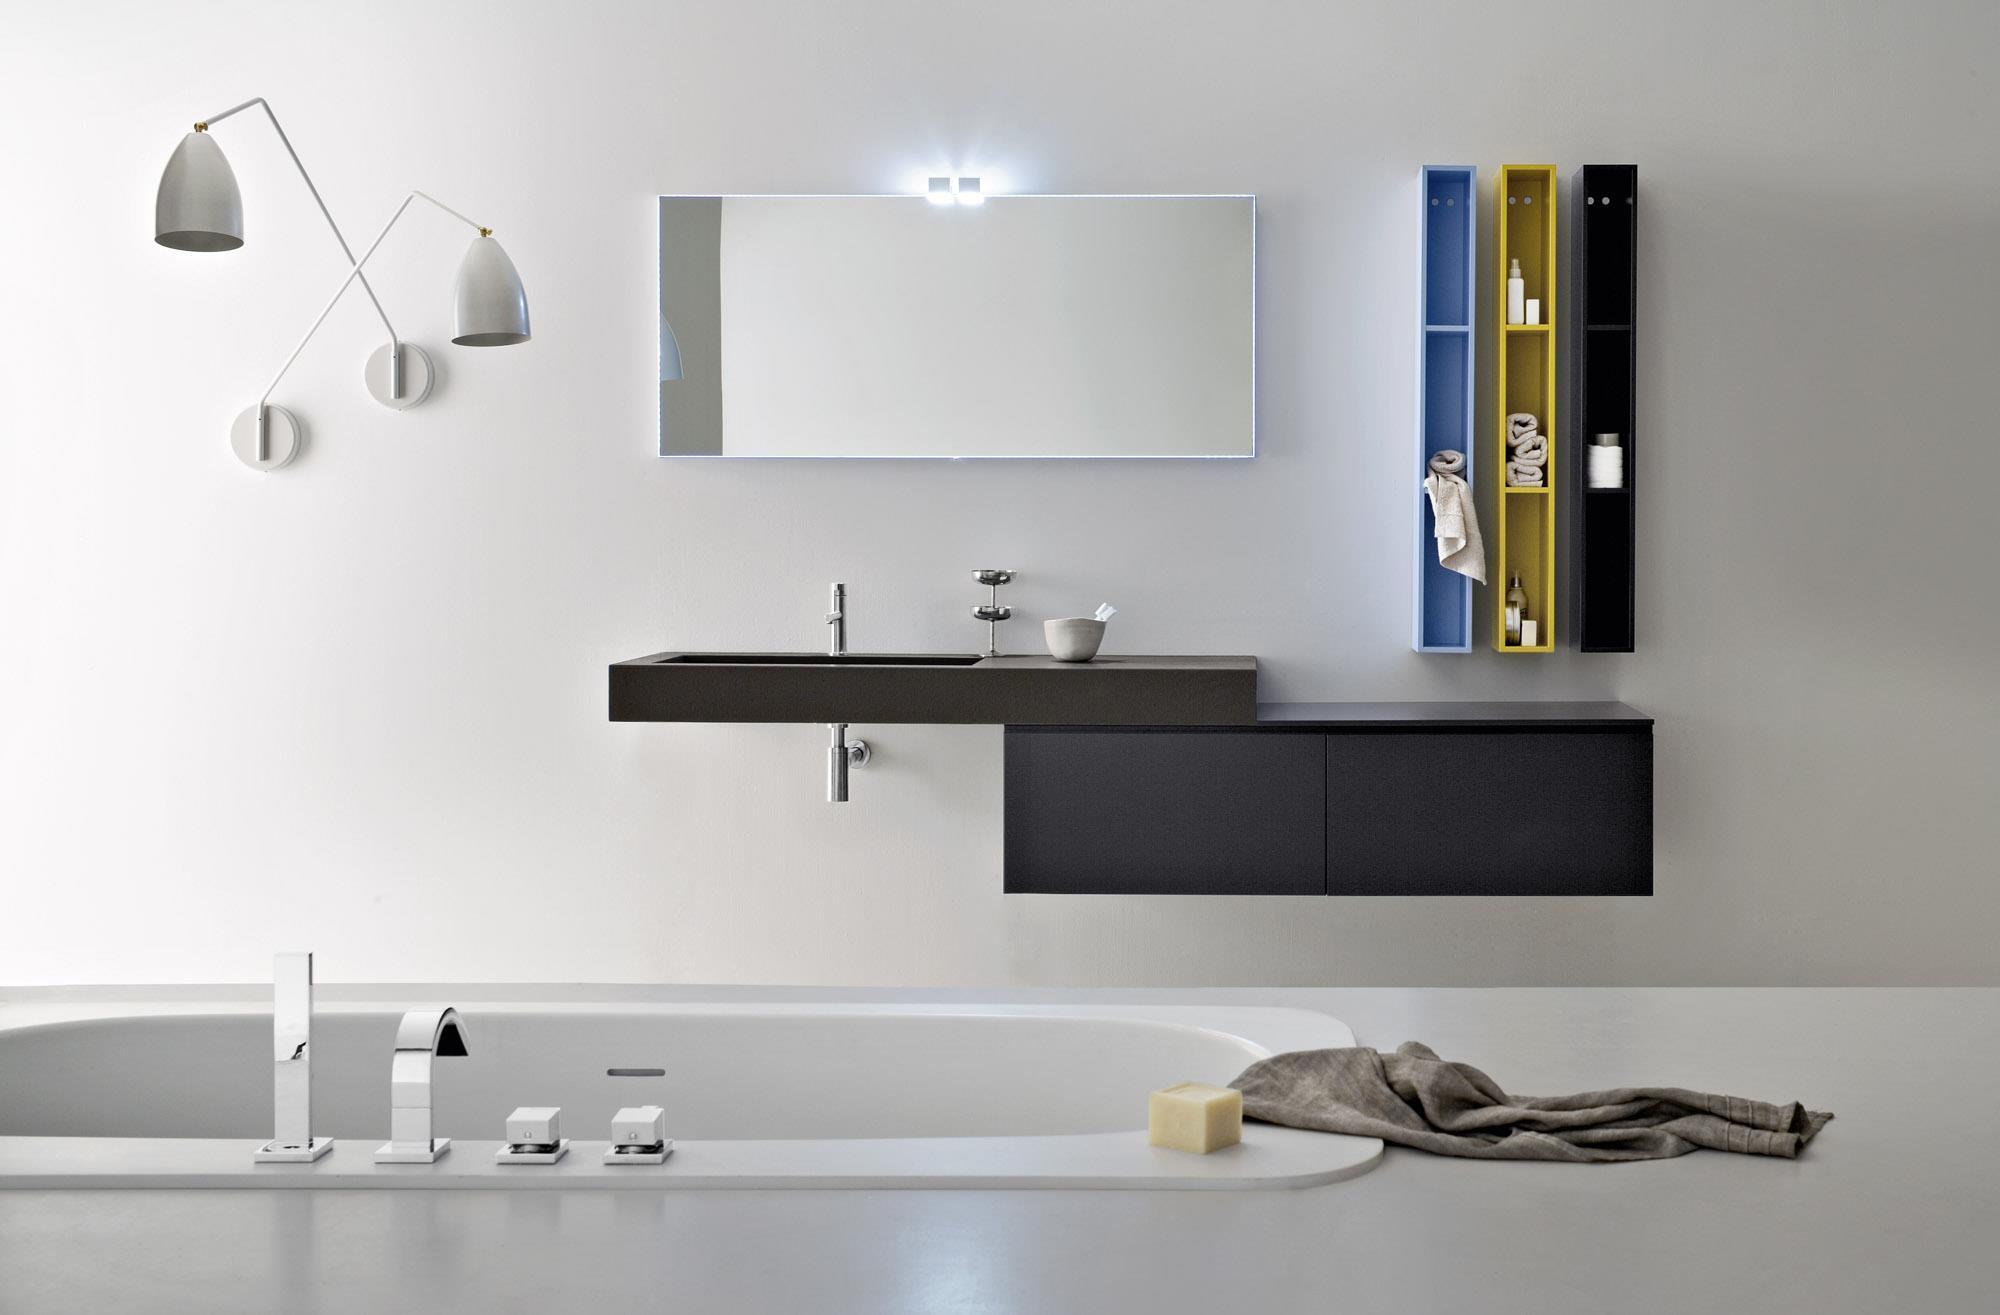 Rivestimenti bagno stile vietri: tonalite interni ideal.